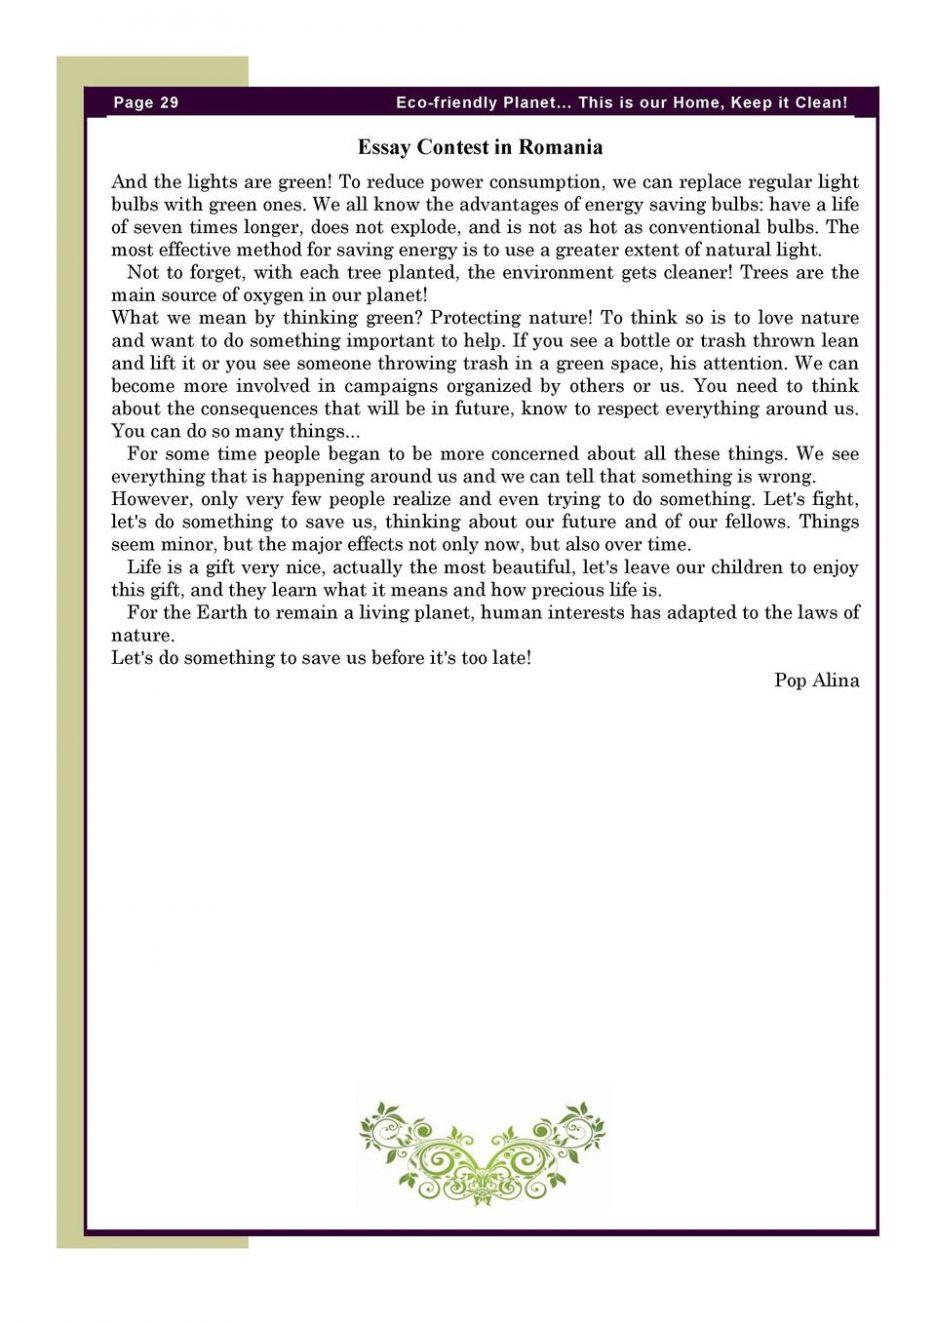 028 Green Earth Essay Jvpo Save Water In Hindi Small On Wikipedia Marathi Language English 936x1323 Awful Life Tamil Gujarati Full